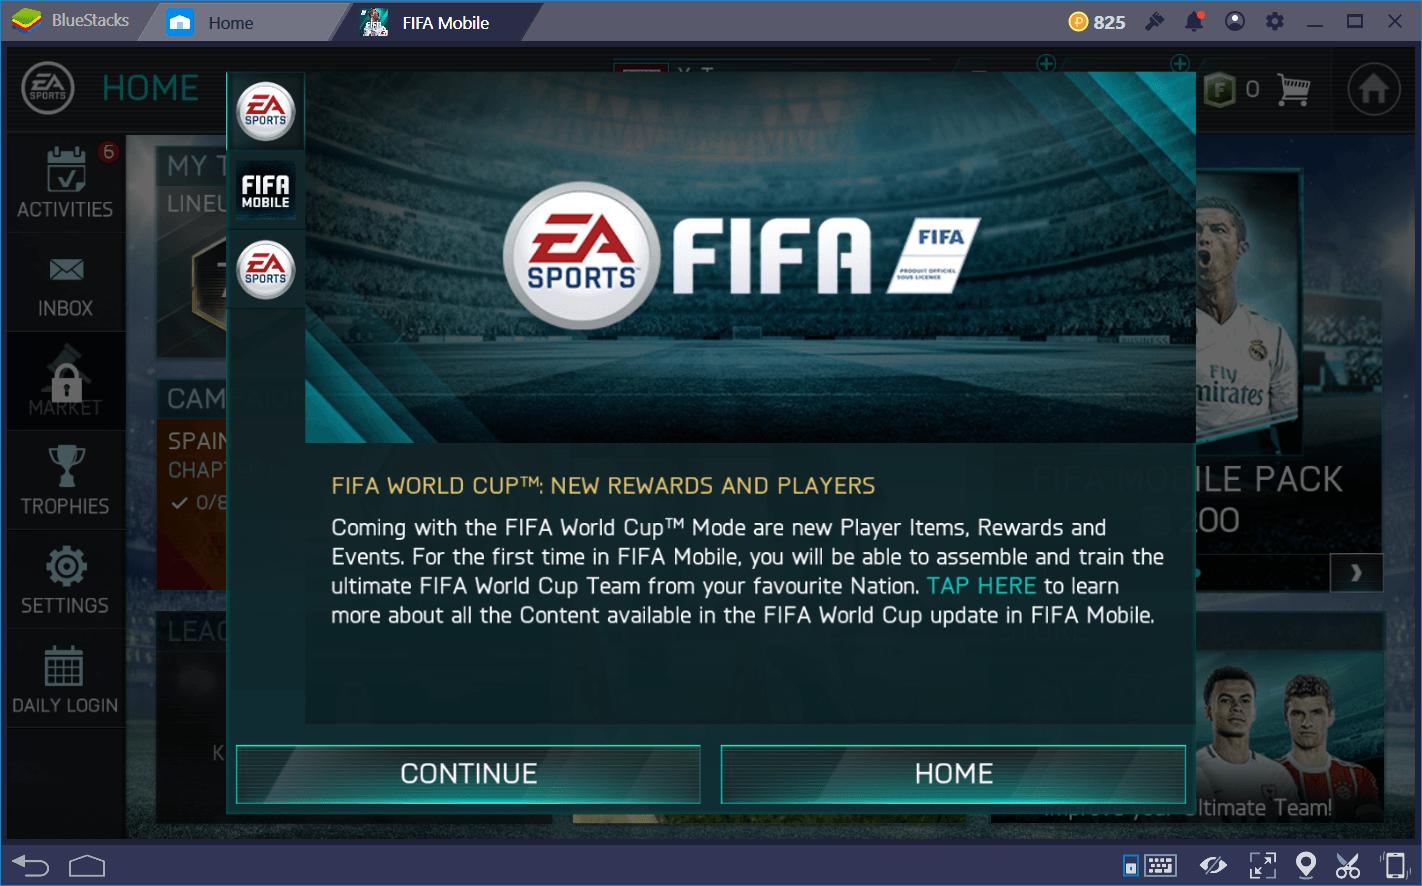 FIFA Mobile: 2018 FIFA 월드컵 비기너 가이드